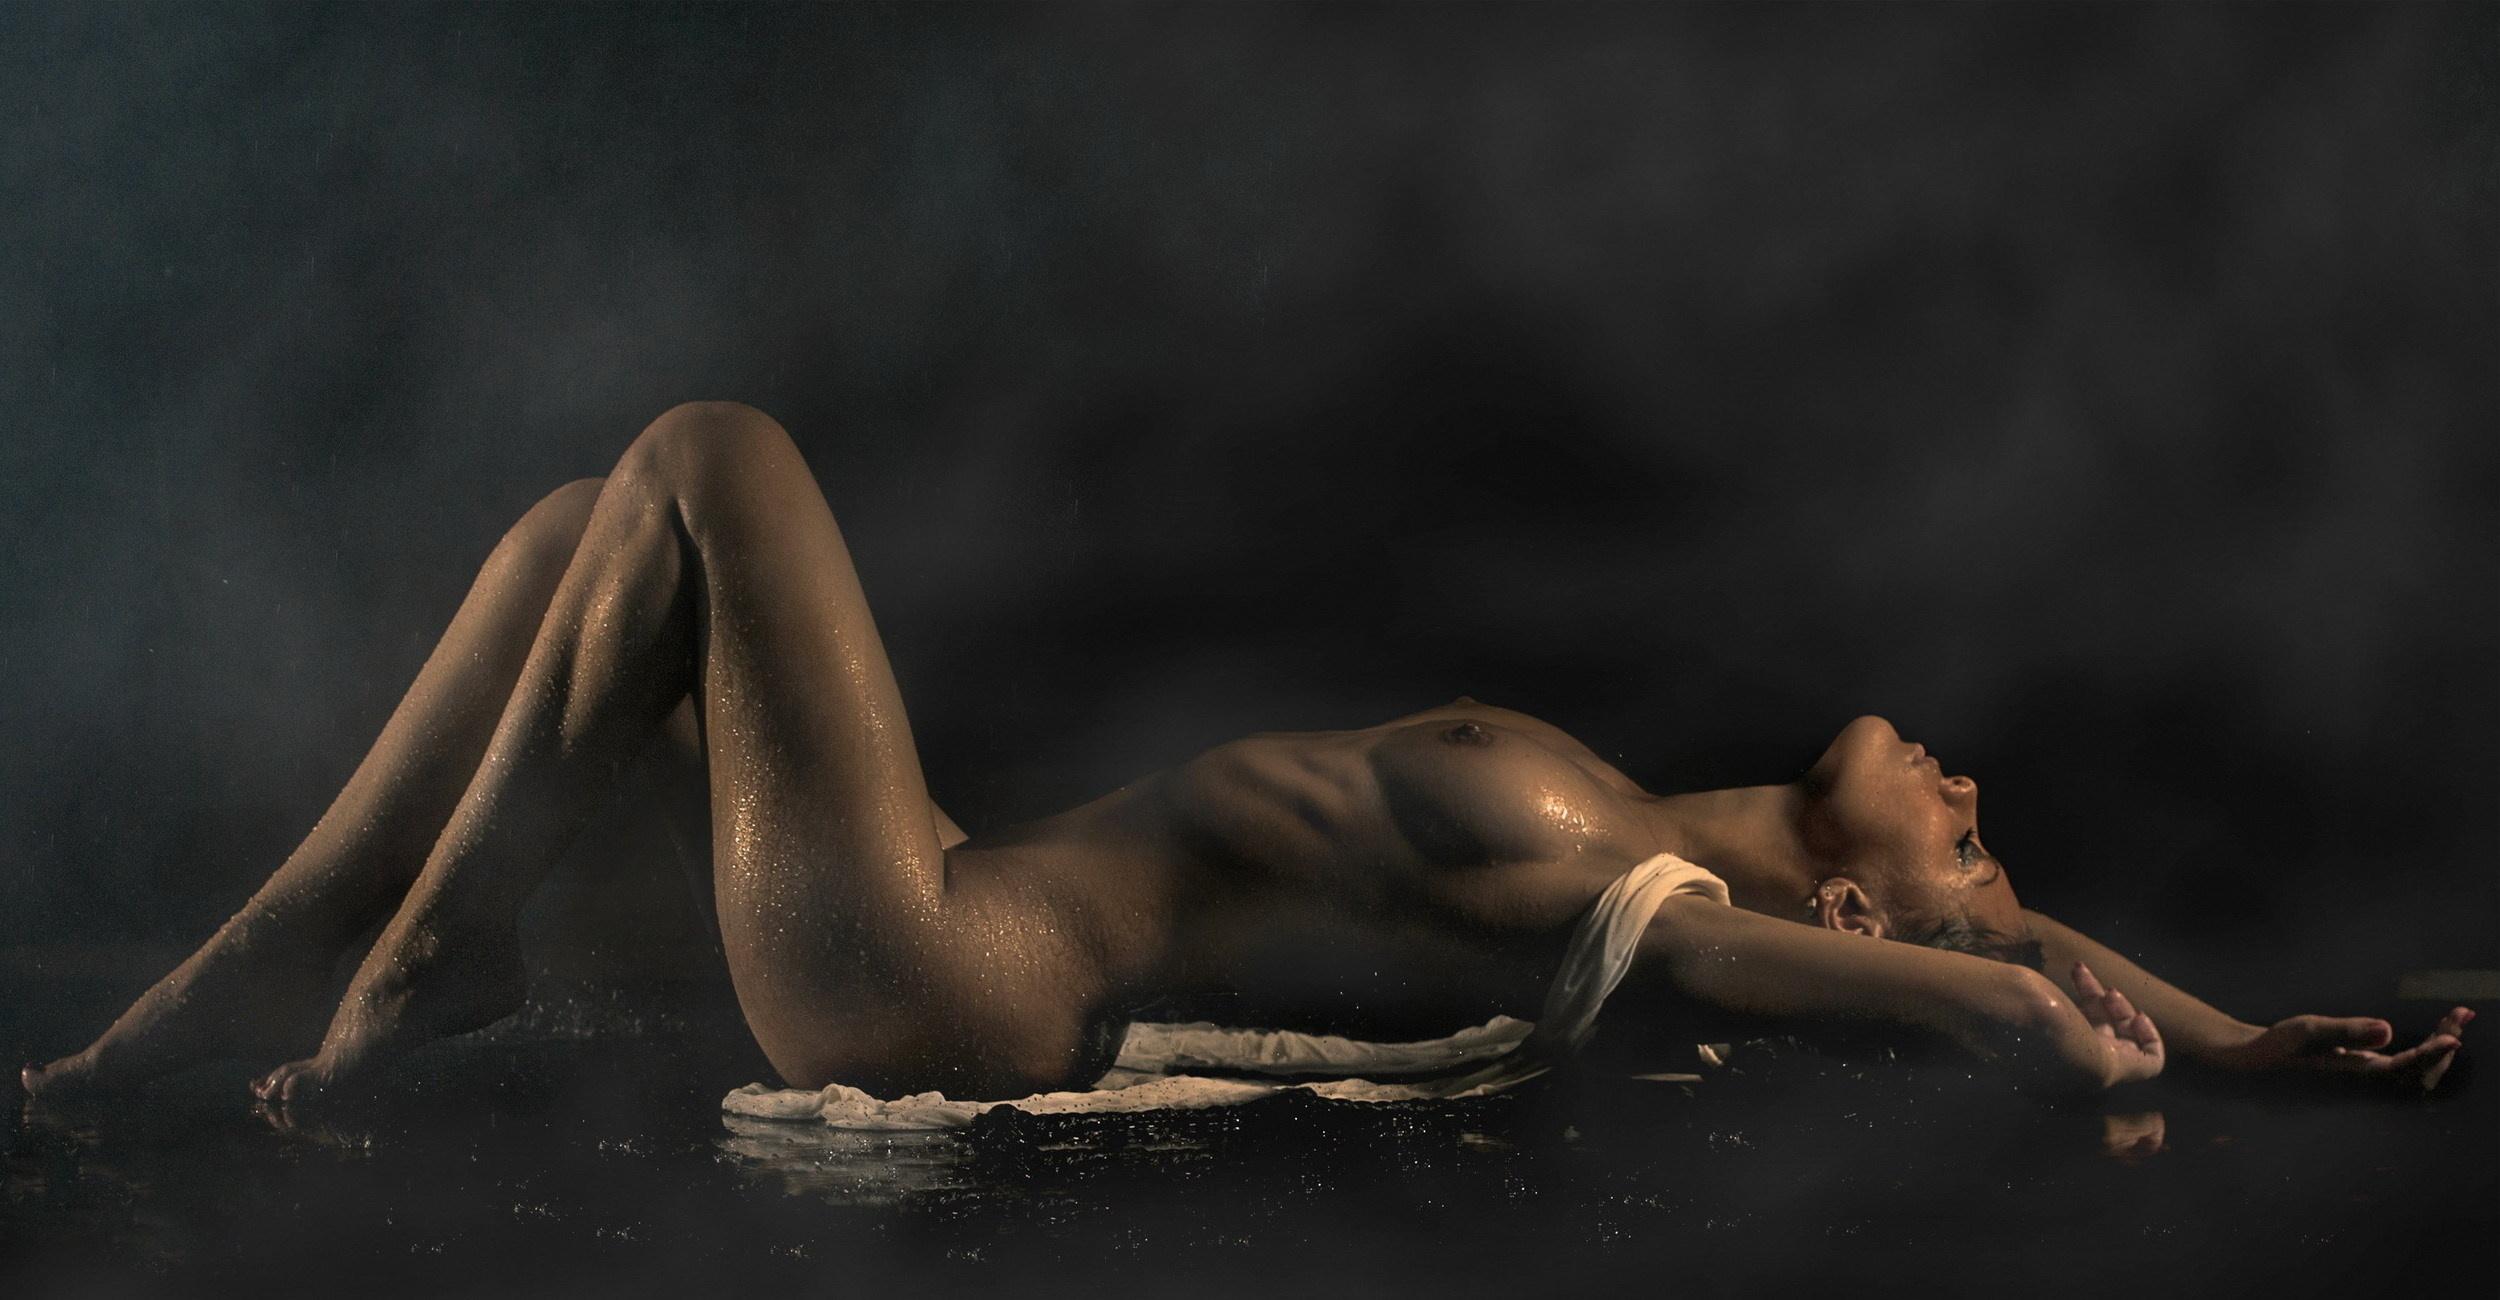 видеть во сне голую знакомую женщину